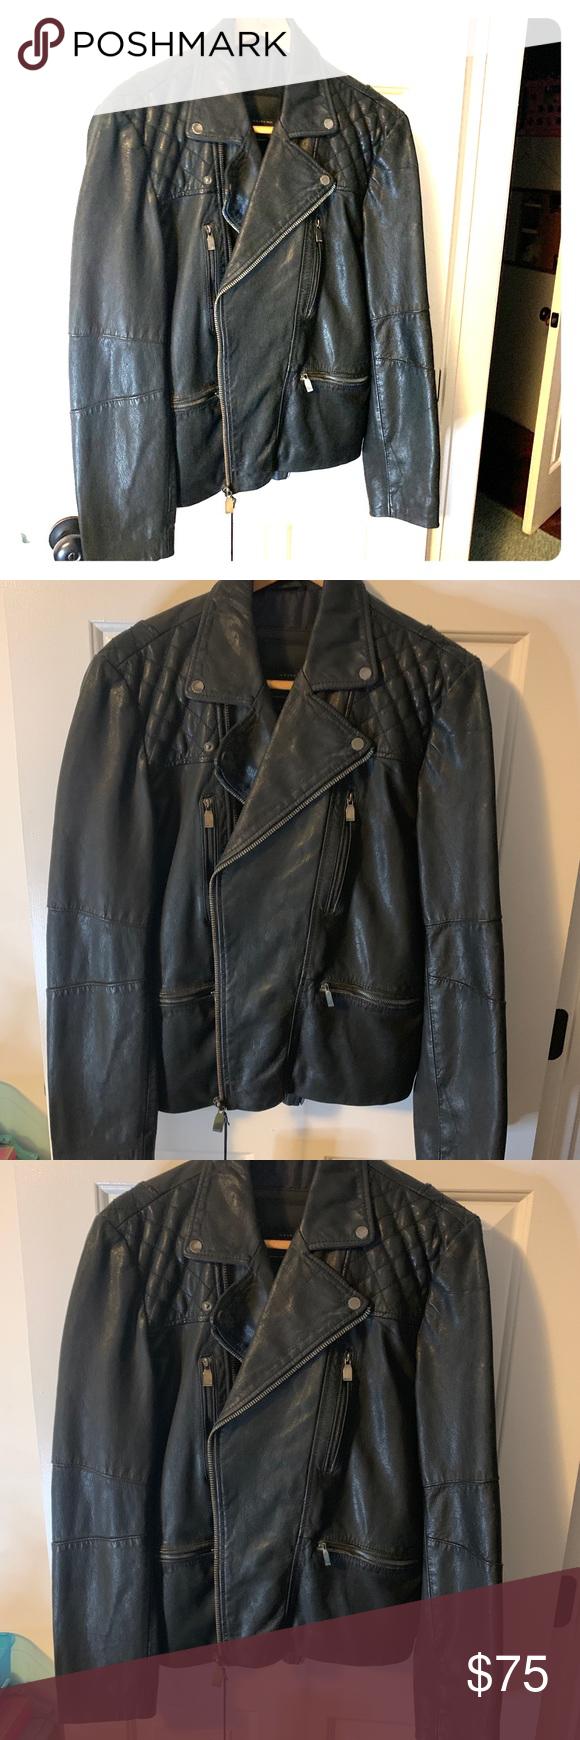 Black Leather Jacket Zara man leather jacket never worn